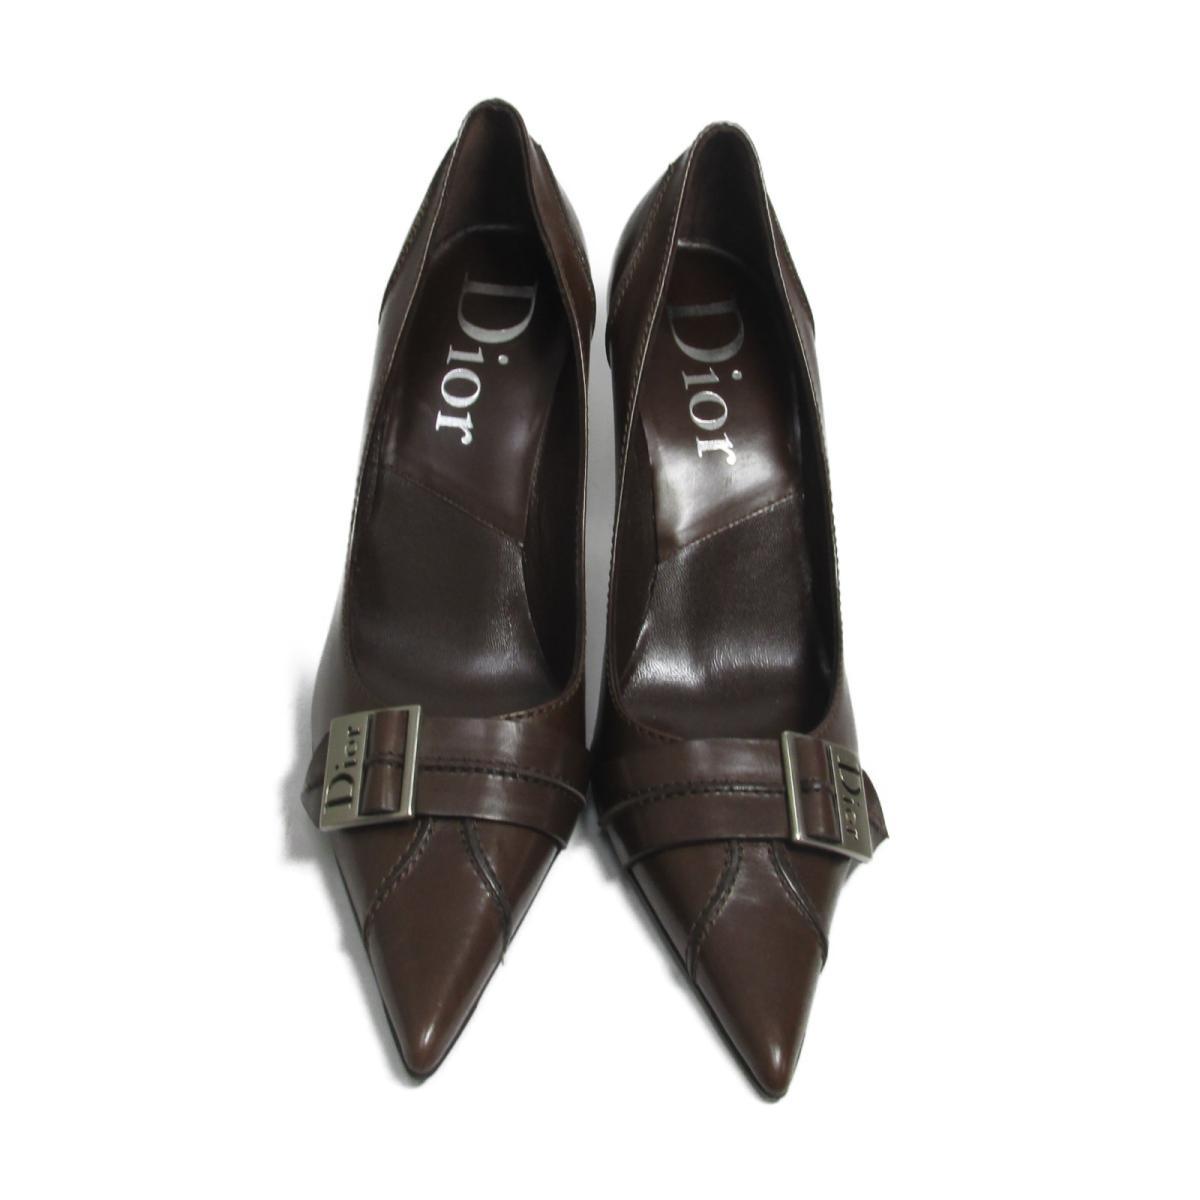 【中古】 クリスチャン・ディオール パンプス ヒール レディース レザー ブラウン   Dior くつ 靴 ヒール 美品 ブランドオフ BRANDOFF